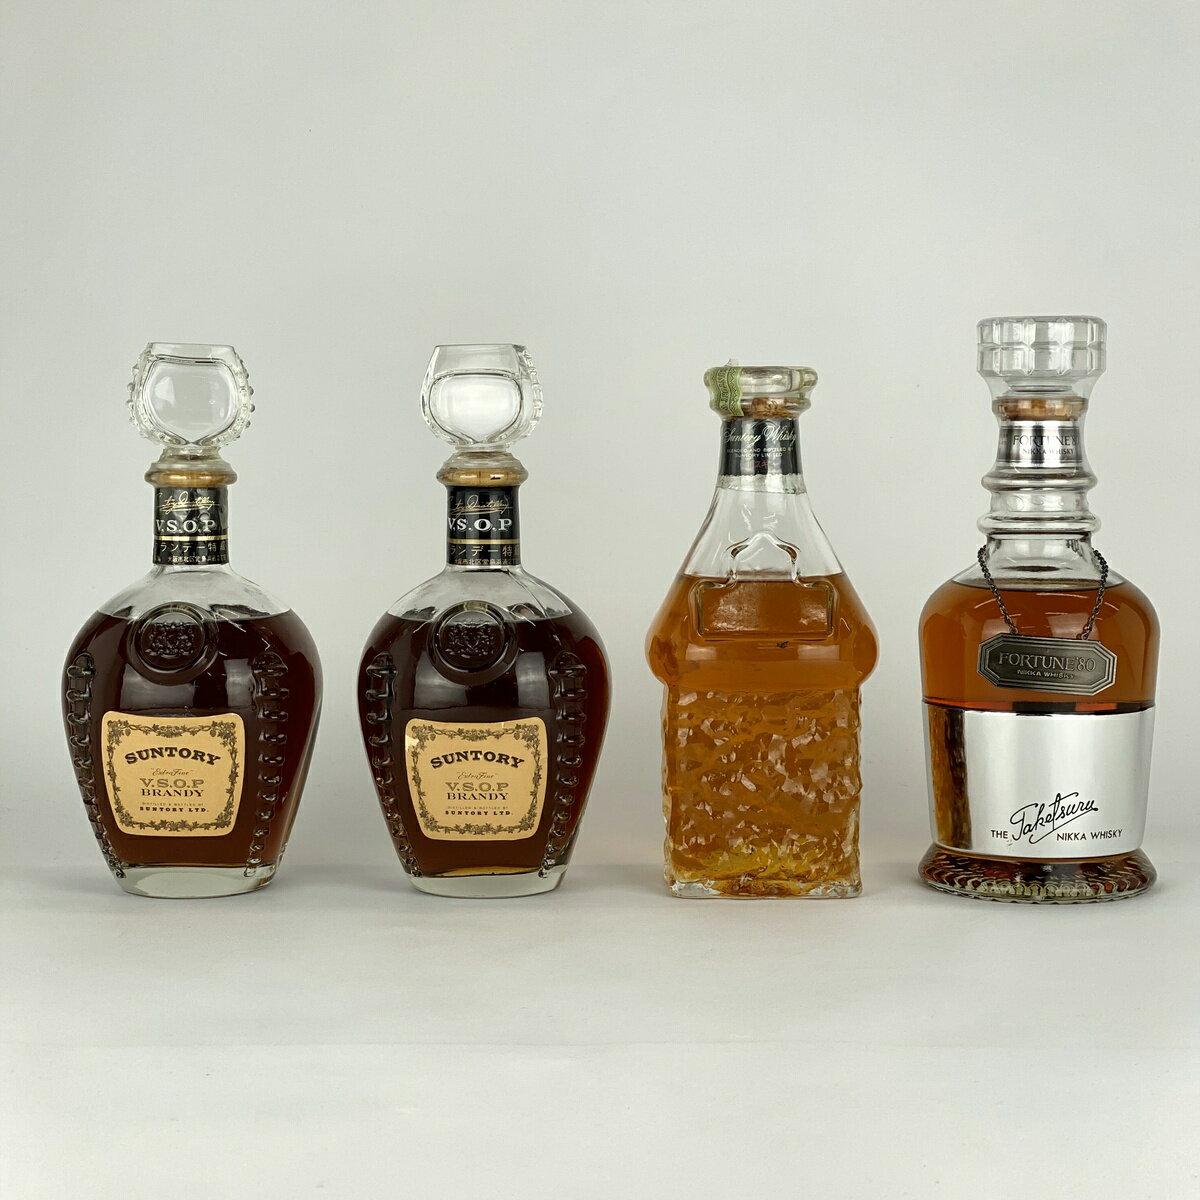 ウイスキー, ジャパニーズ・ウイスキー  SUNTORY VSOP NIKKA 80 4